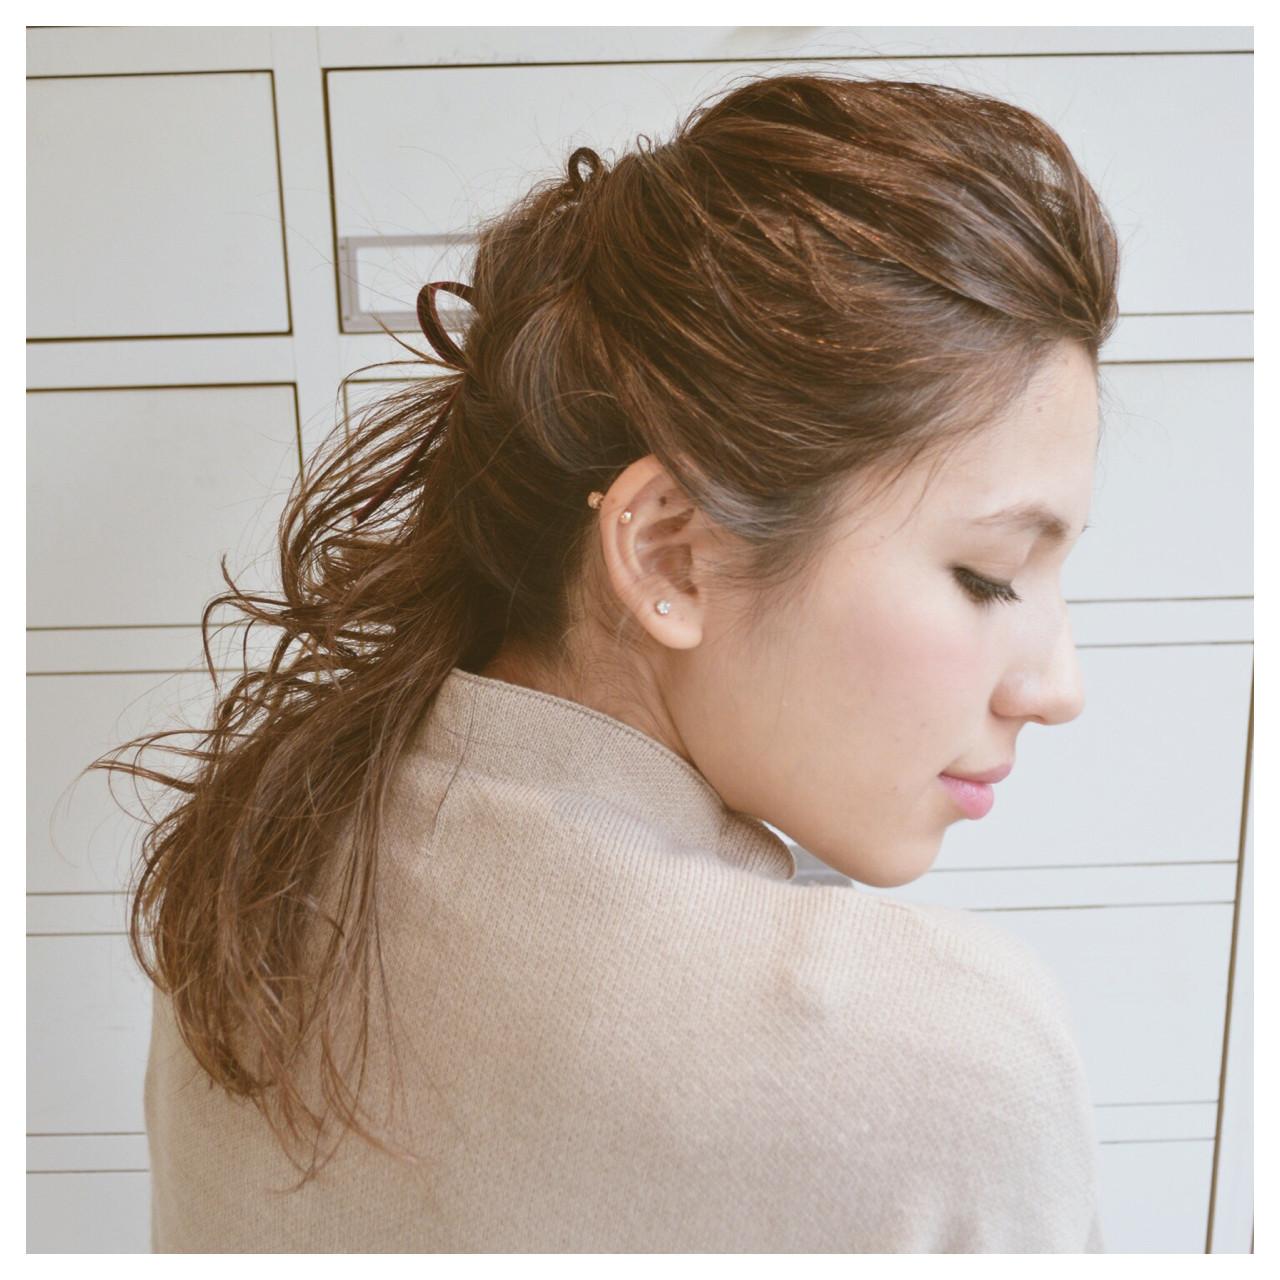 外国人風 簡単ヘアアレンジ ショート 大人かわいい ヘアスタイルや髪型の写真・画像